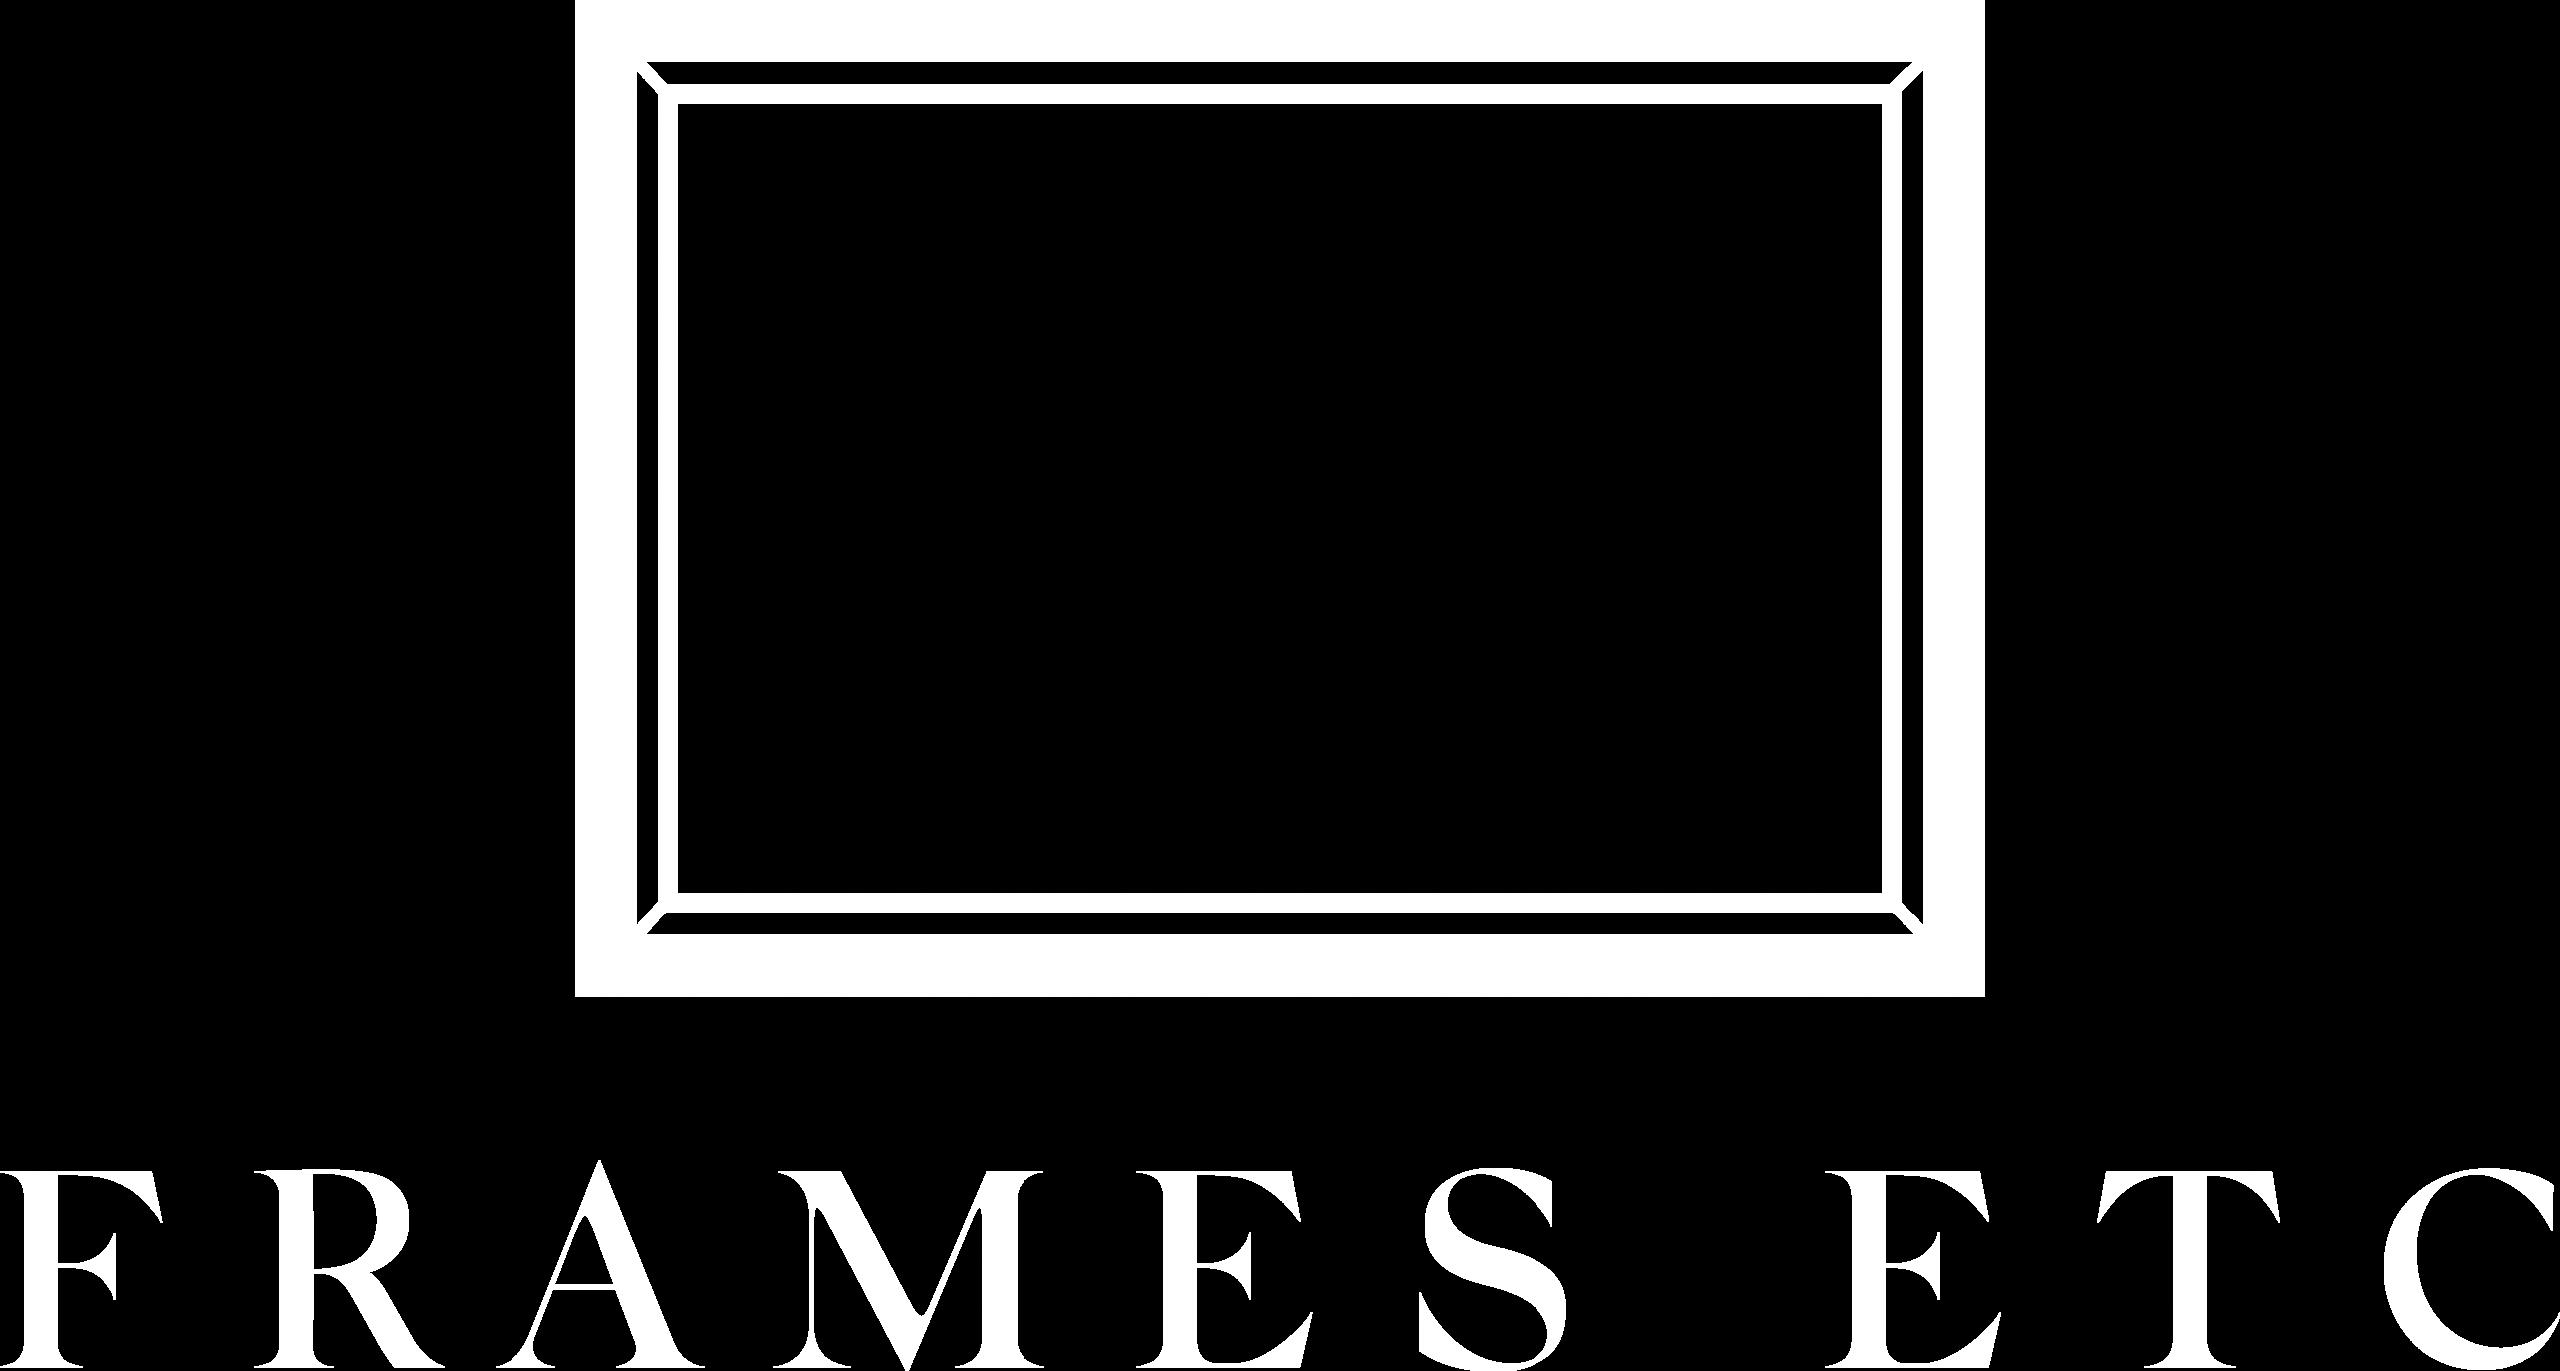 Frames Etc Dublin